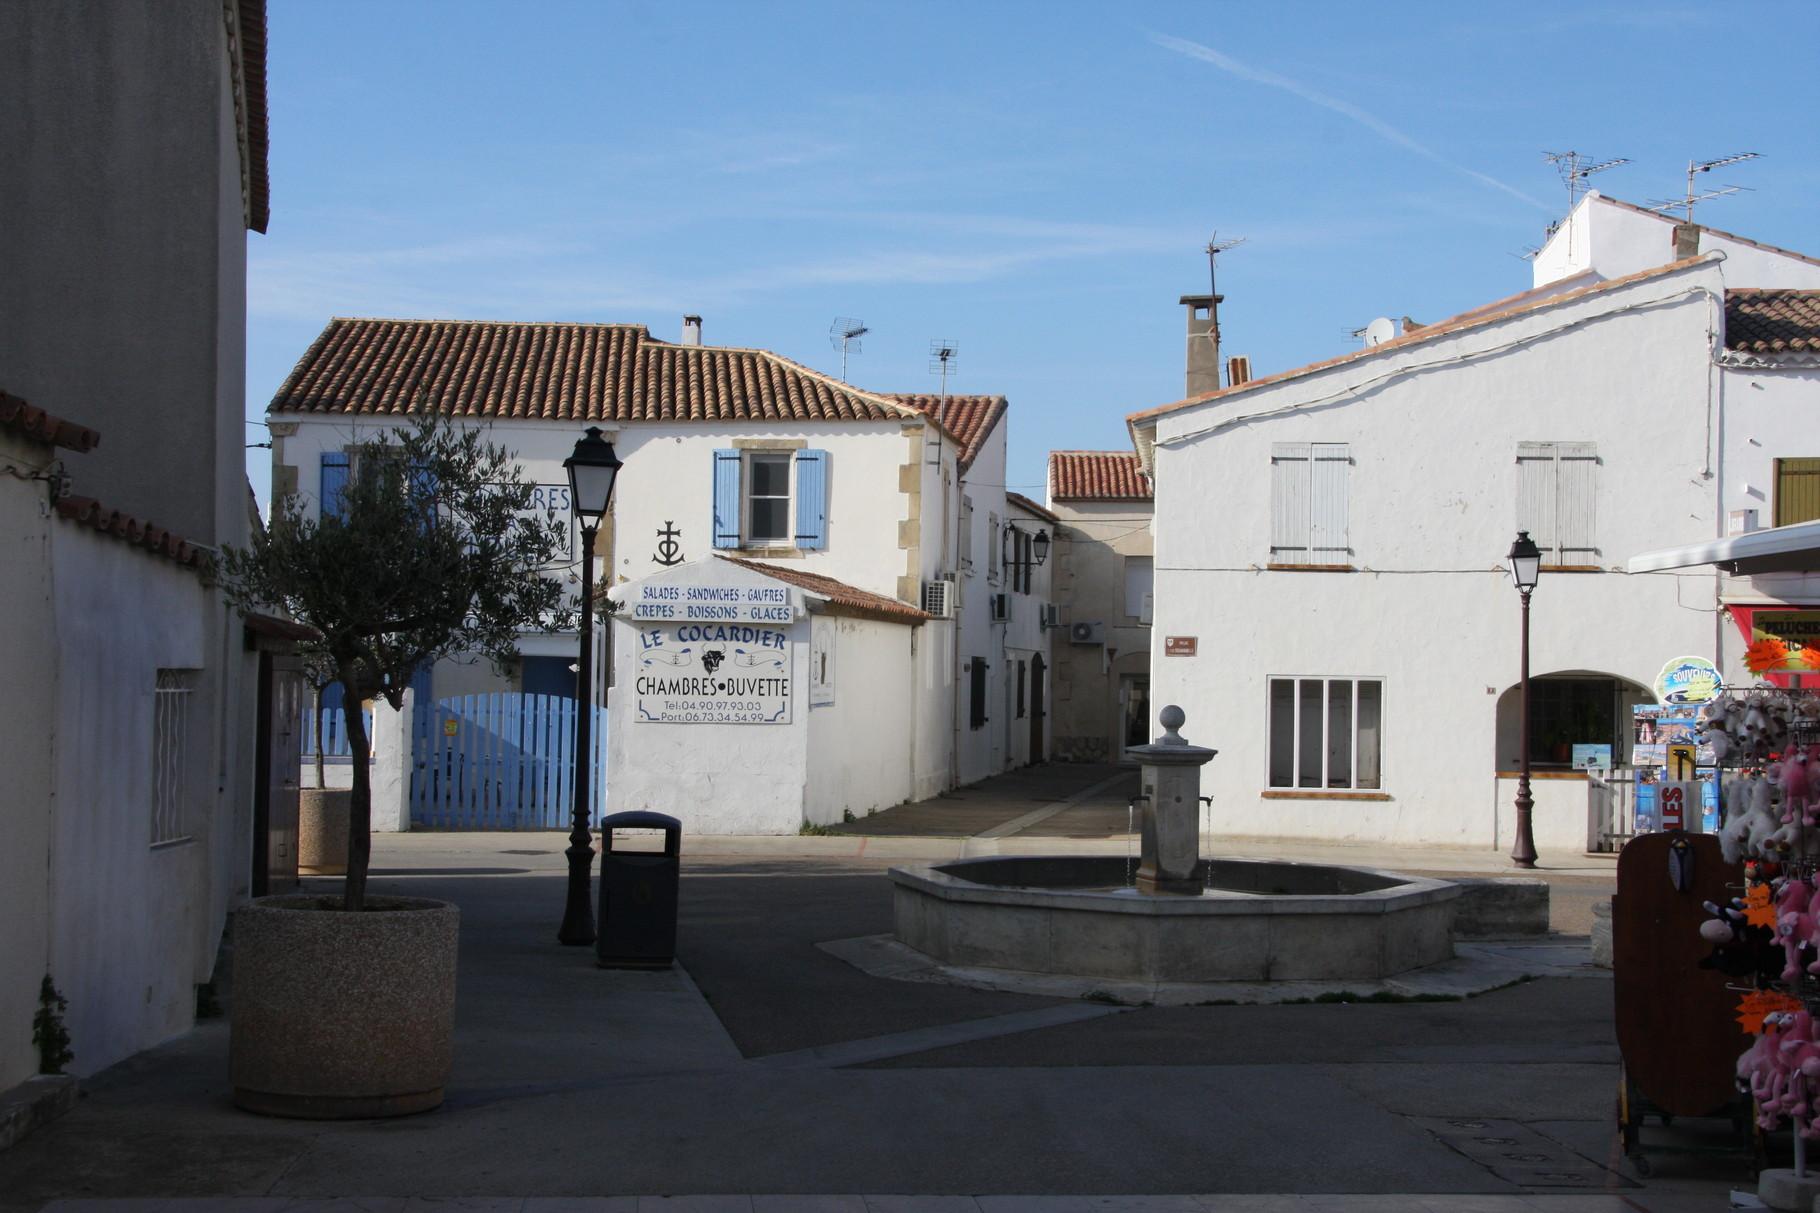 Bild: Brunnen in Saintes-Maries-de-la-Mer